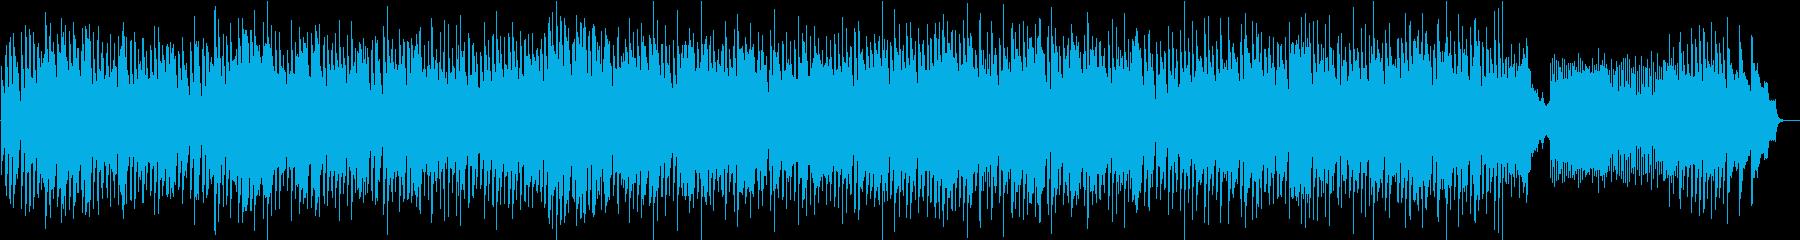 ノクターン第2番作品9-2・ソフトピアノの再生済みの波形